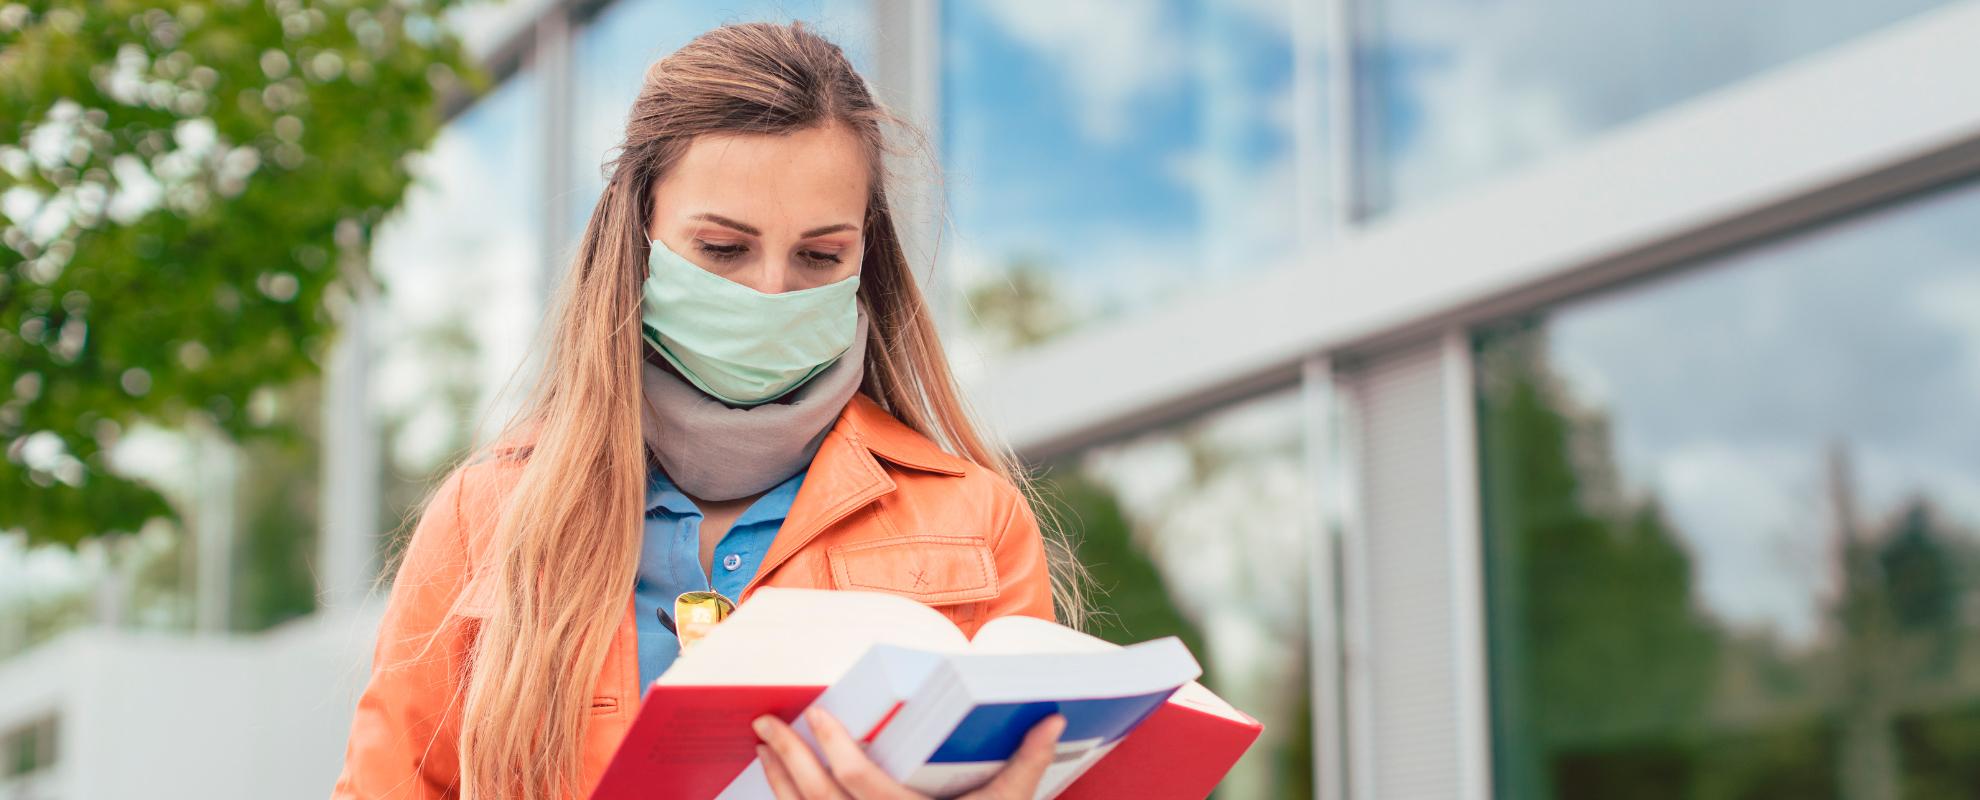 ¿Cómo están viviendo los estudiantes su experiencia Erasmus?